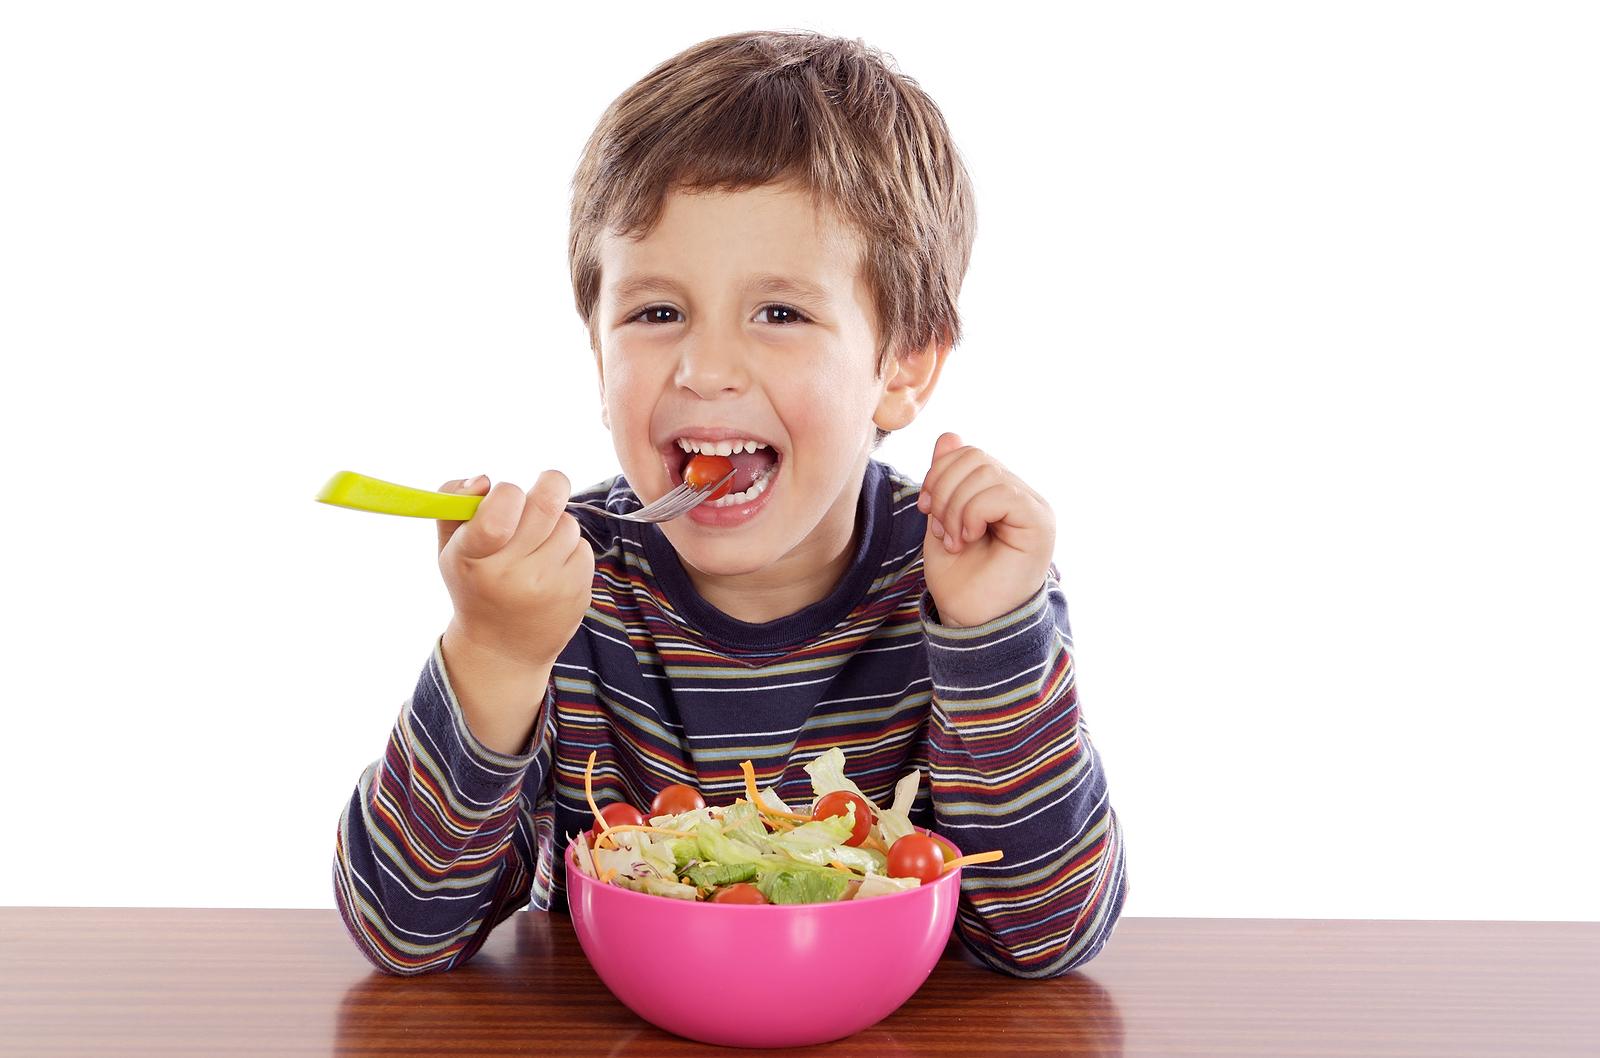 Membuat Anak Suka Makan Sayuran Mitra Riset Produk Ukm Bumn Baterai Abc Alkaline Aa Http Analisis Pengujian Portal Bambu Variasi Pelilitan Sambungan Tali Ijuk Peranan Adolf Hitler Perjuangan Politik Partai Nazi Jerman